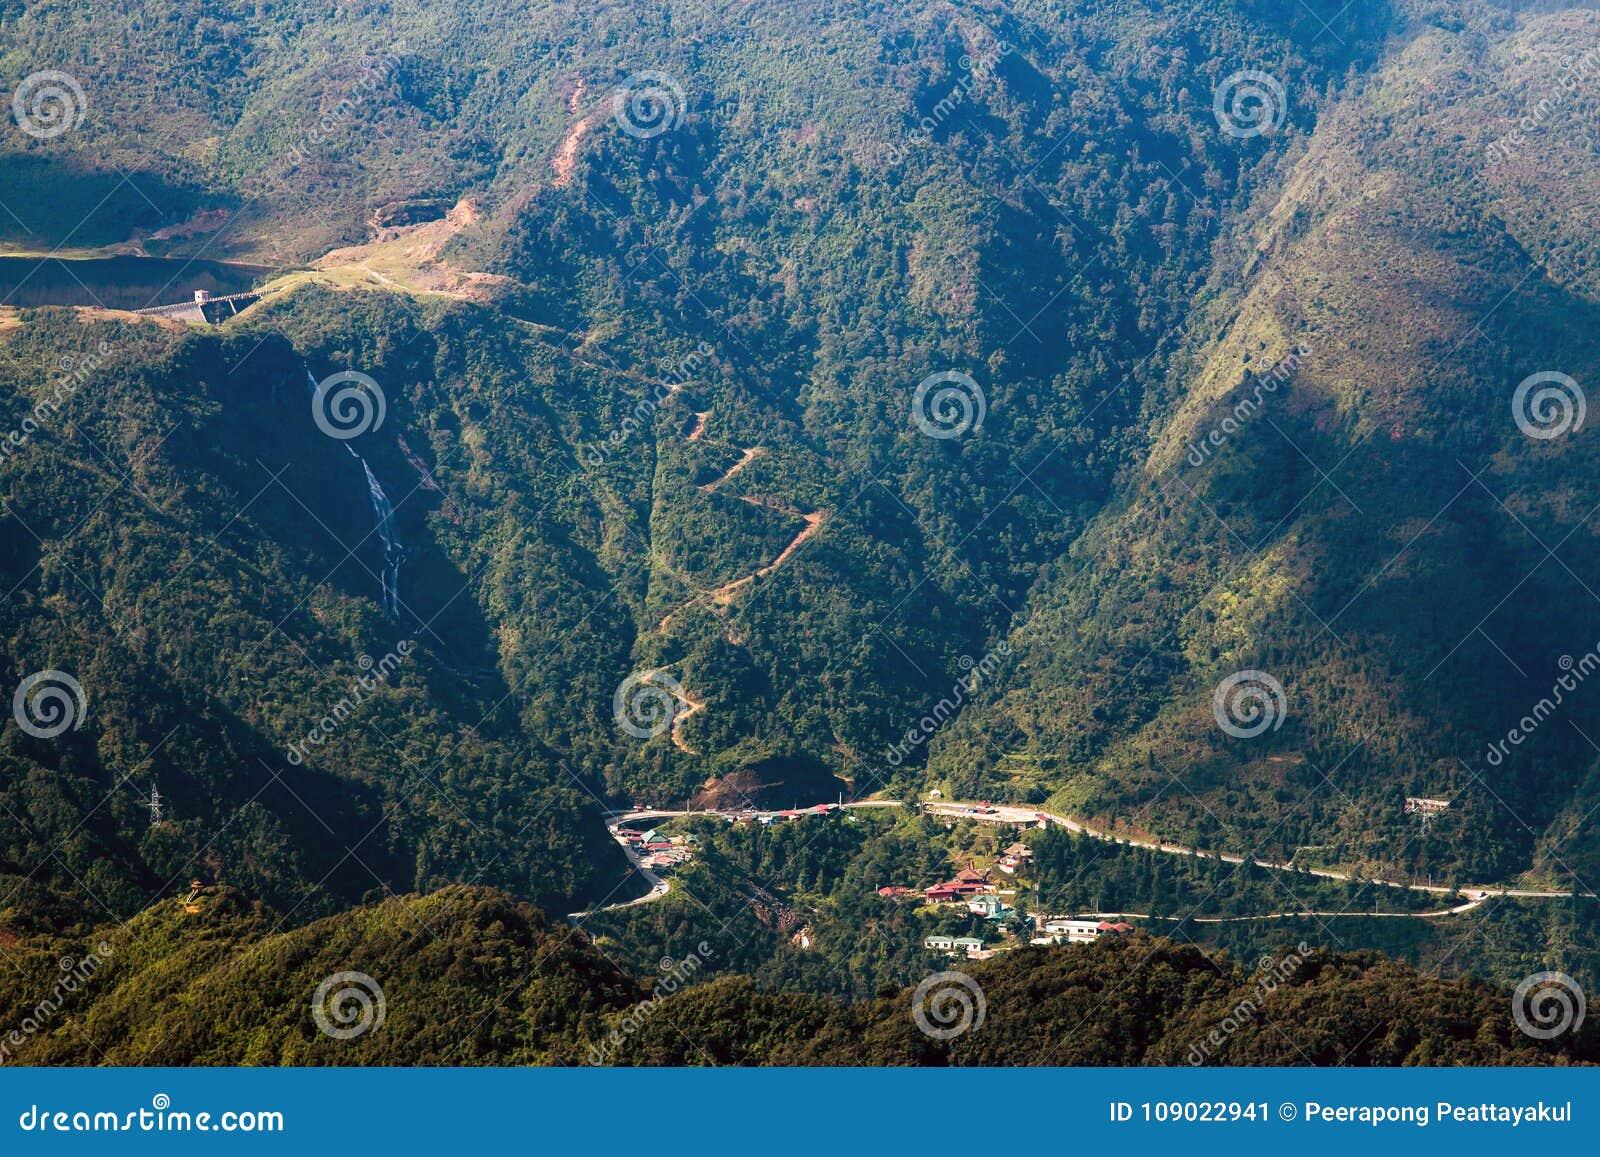 Bergketen van fansipan hoogste bergtop van indochina in sapa lao cai provincie noordelijk van Vietnam